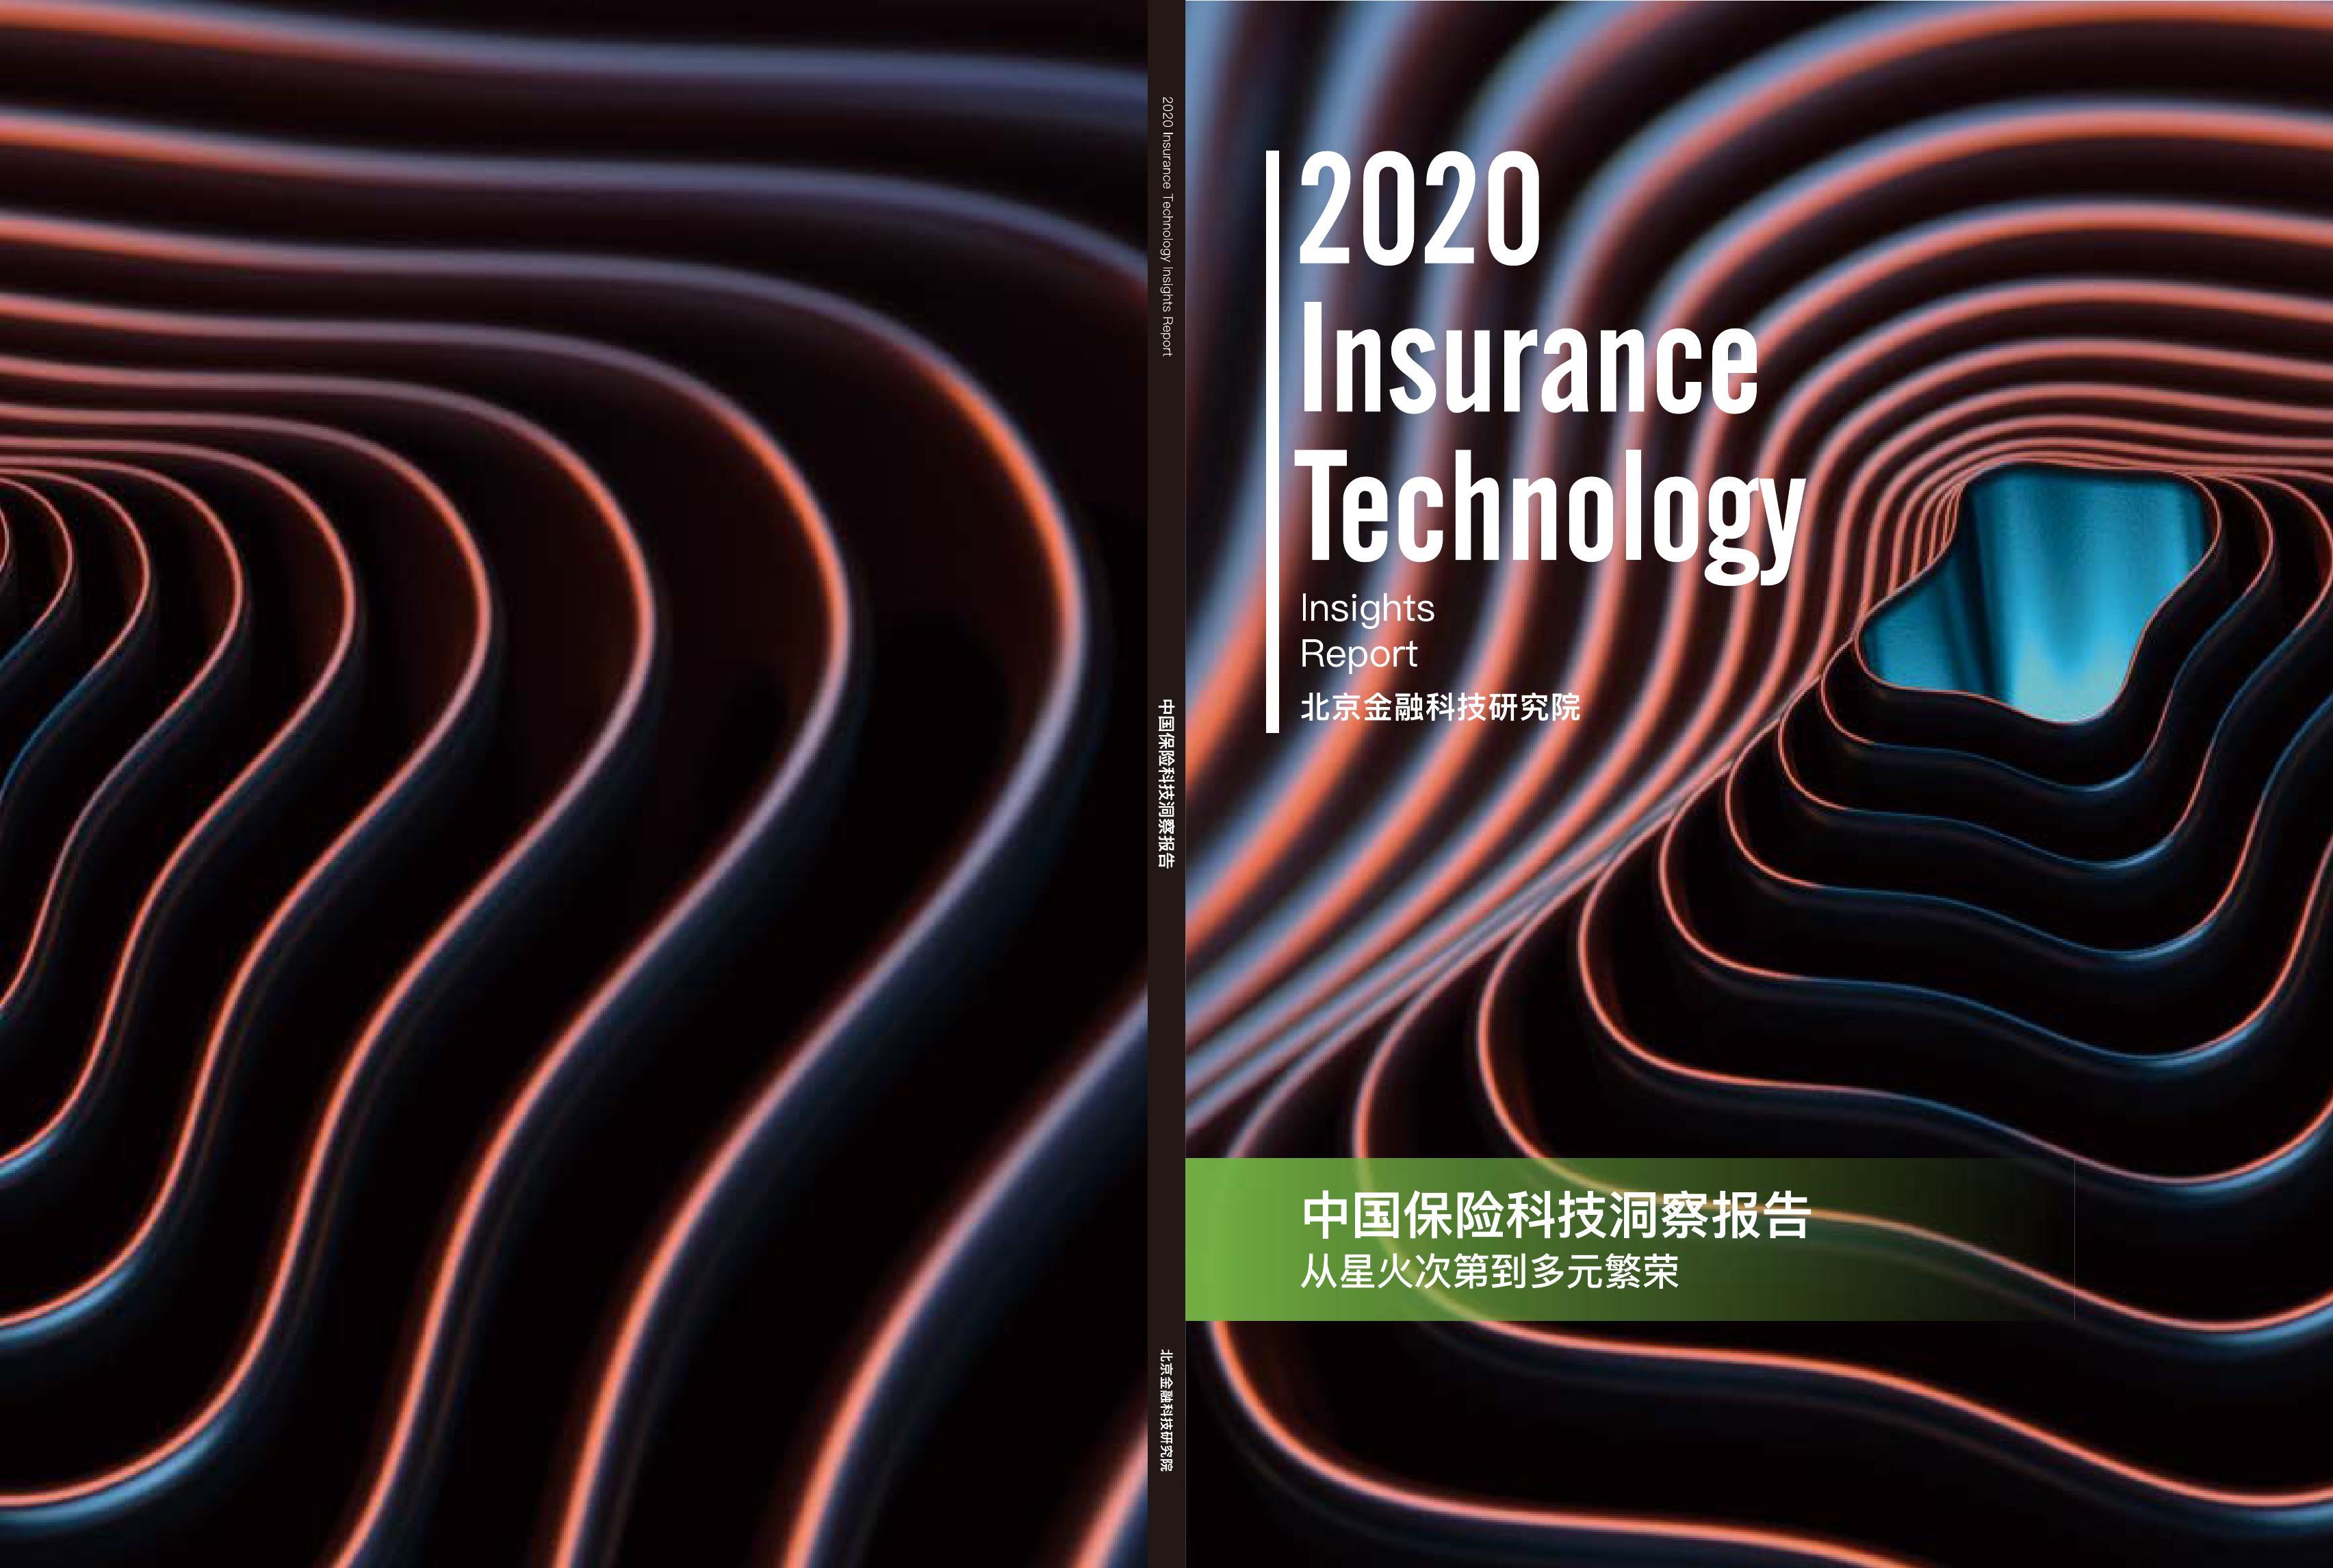 毕马威:2020中国保险科技洞察报告(附下载)